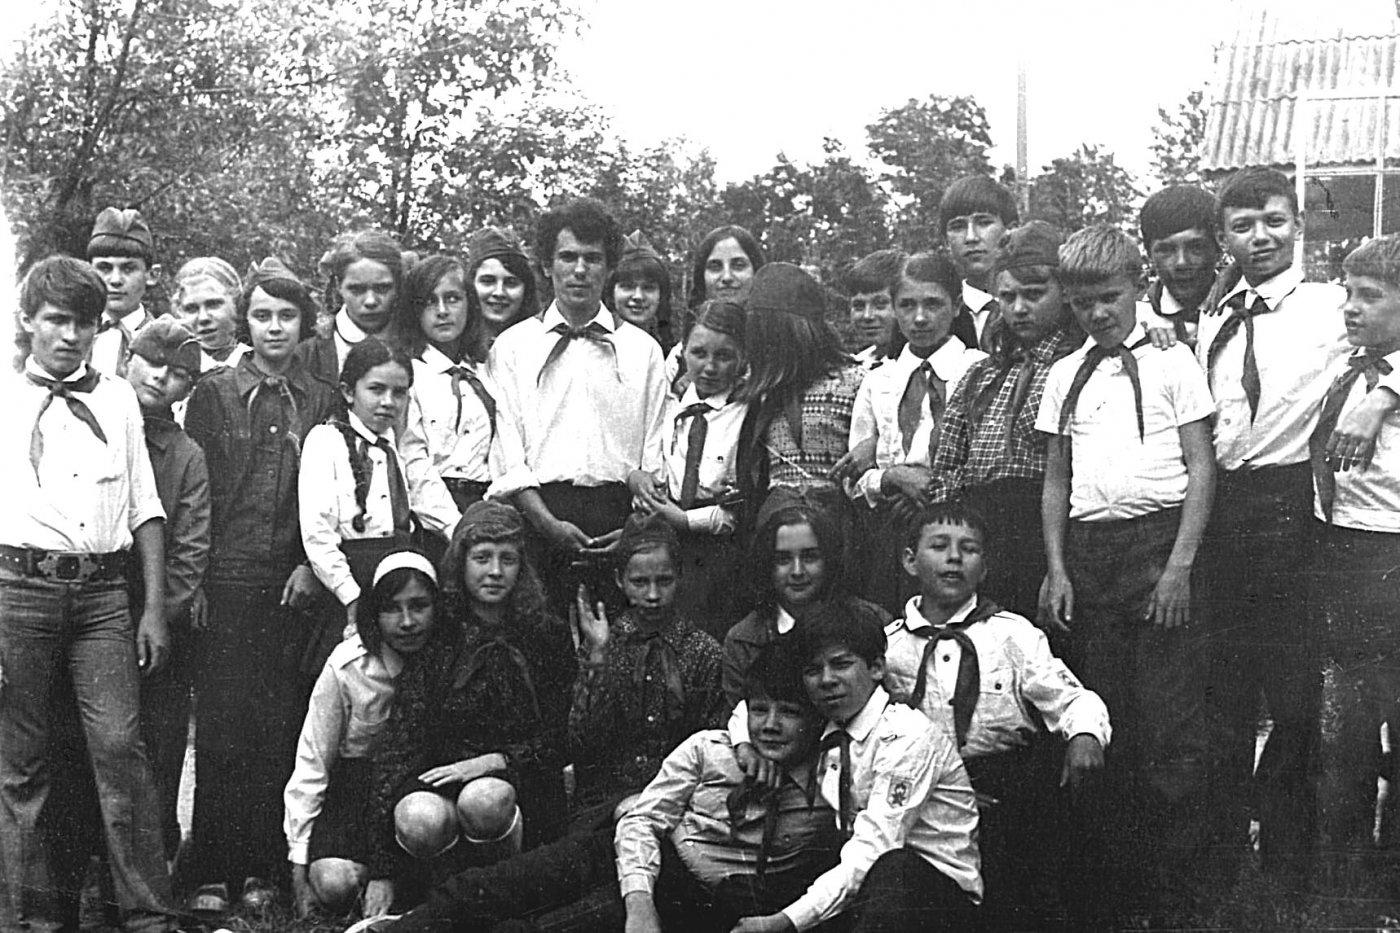 Фото П-лагерь МАТИ-1974.jpg. Россия, Московская область, Unnamed Road